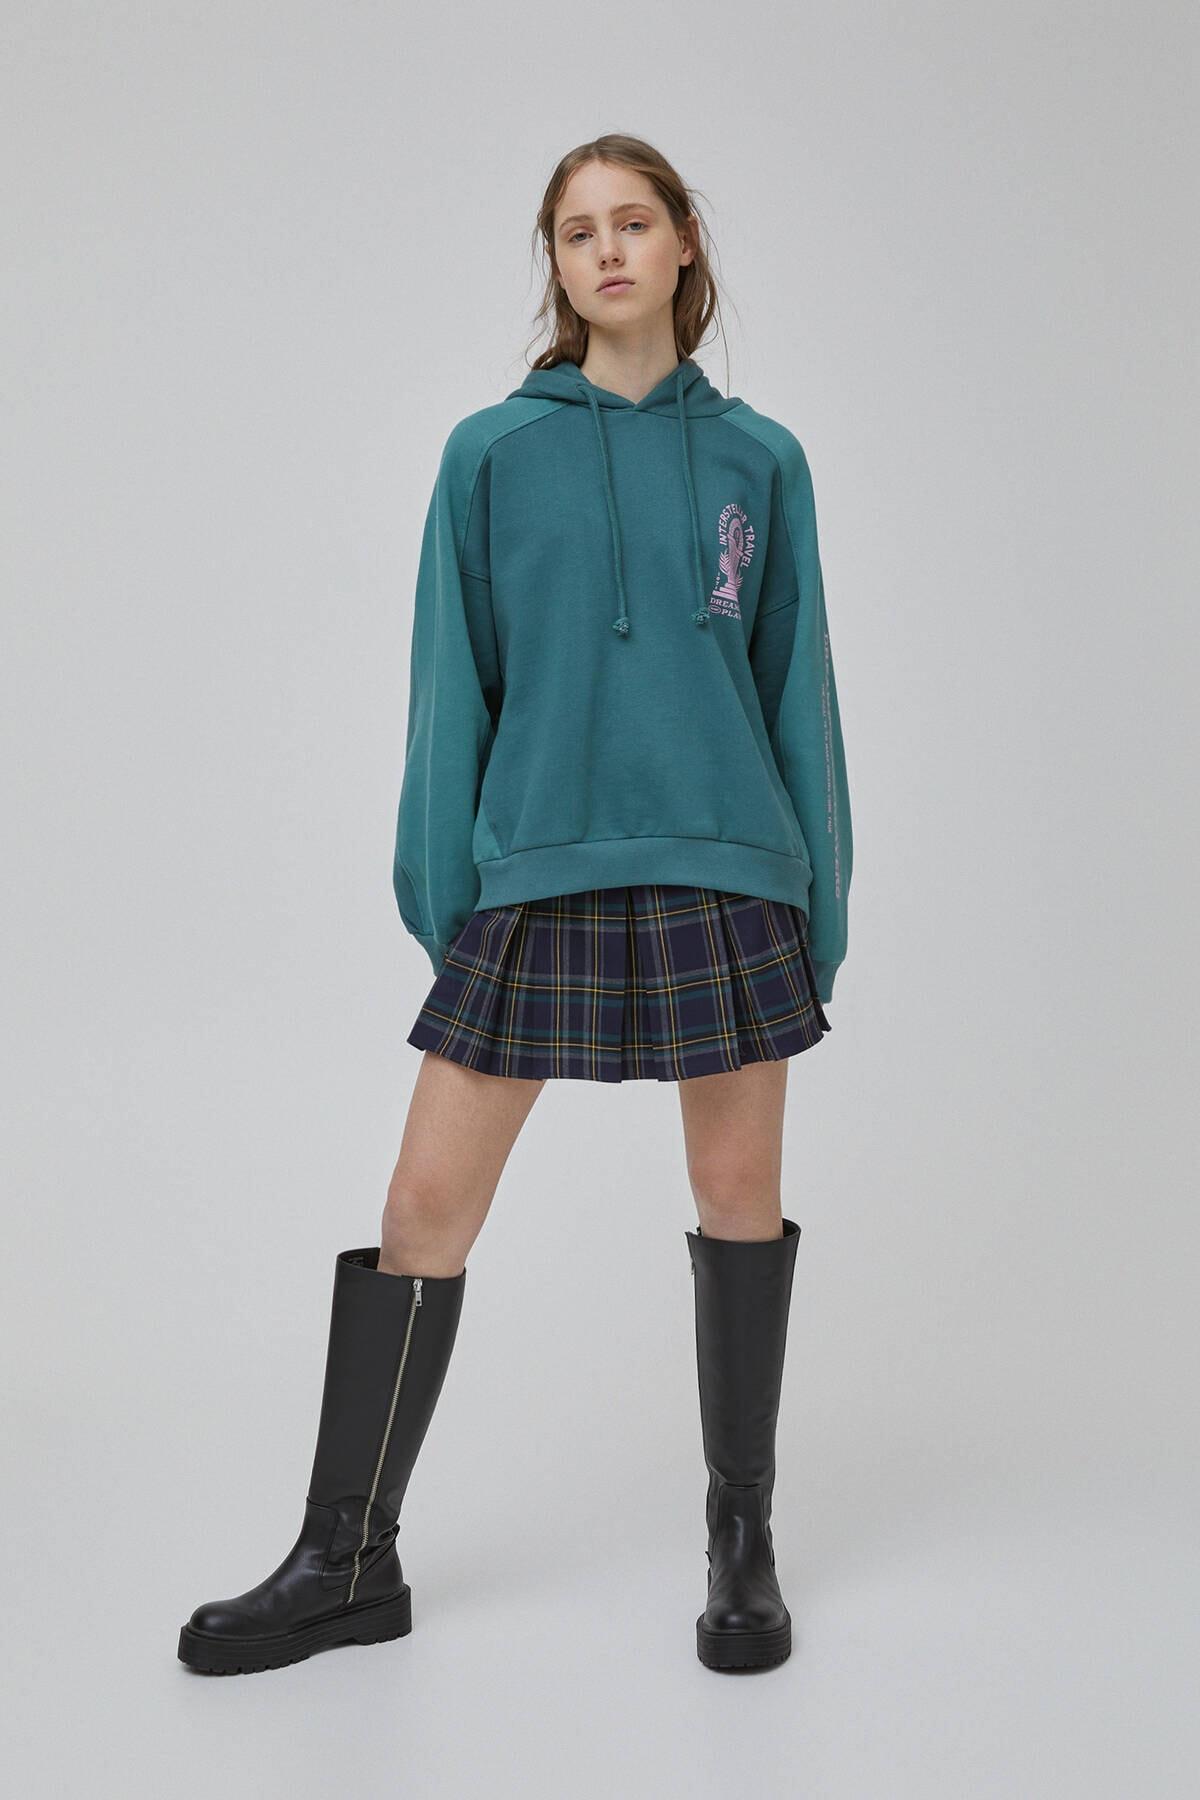 Pull & Bear Kadın Şişe Yeşili Yeşil Blok Renkli Sweatshirt 09594347 2